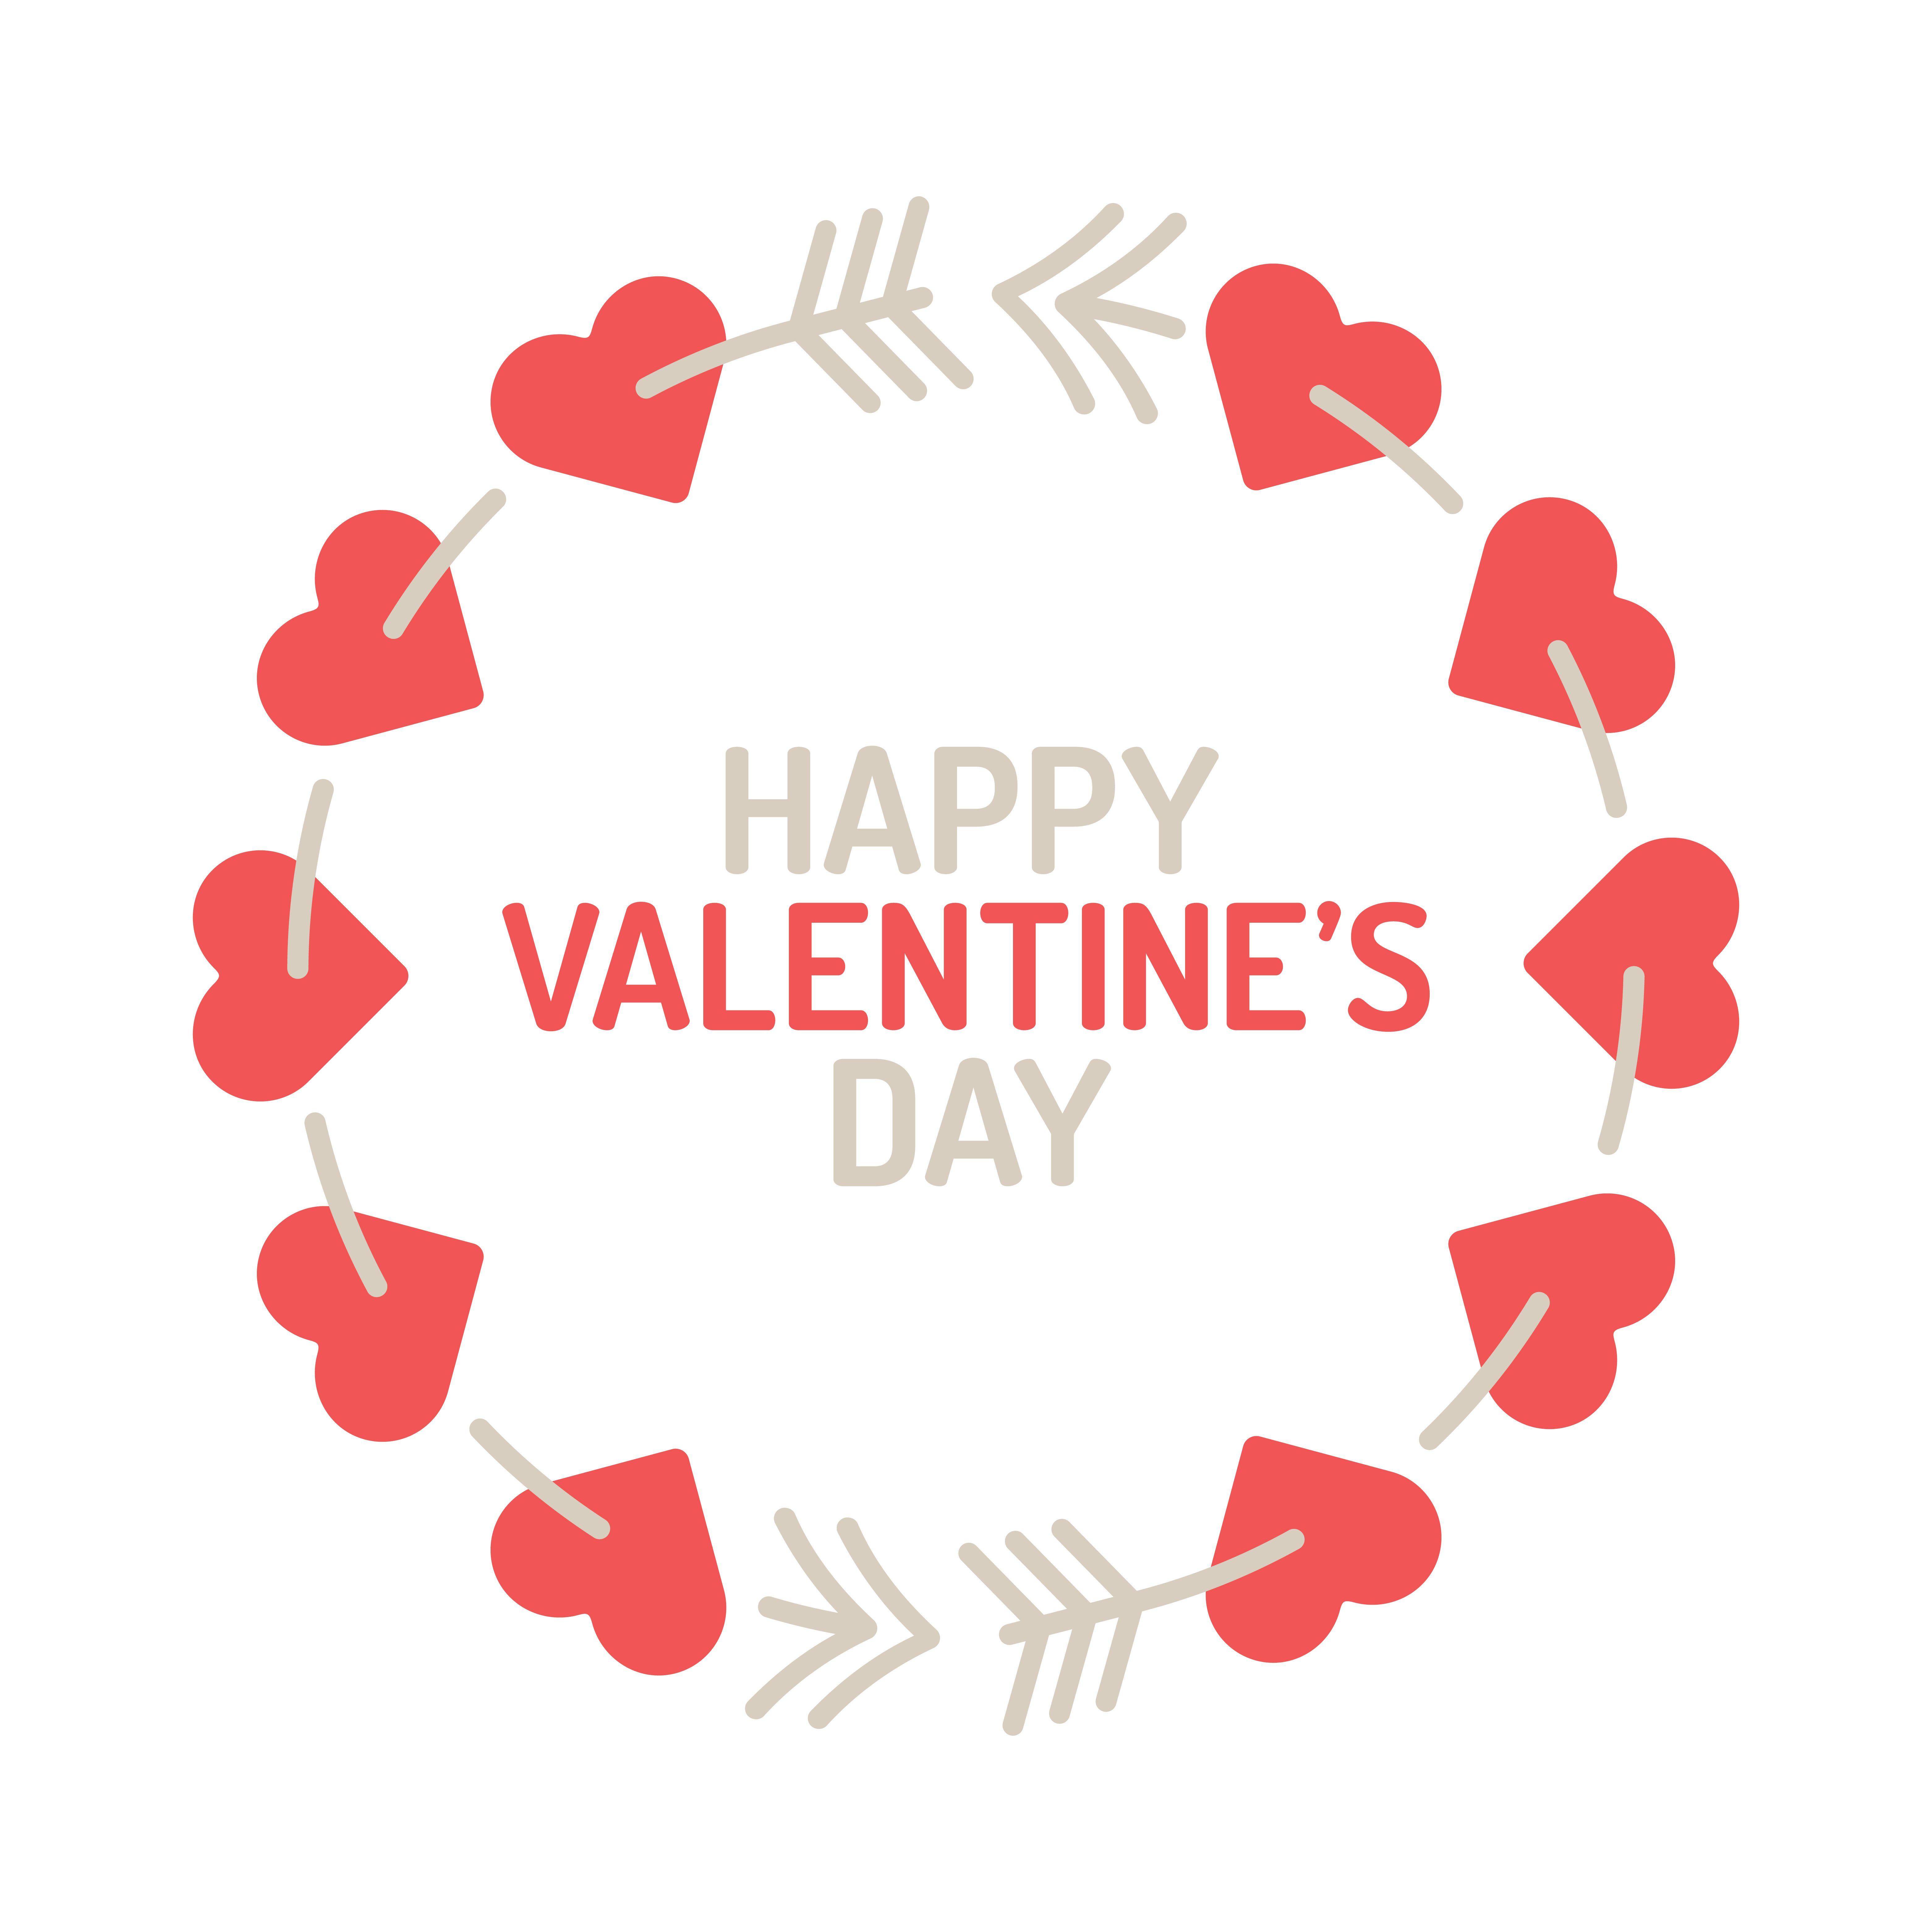 Feliz San Valentin Www Smartyfun Es Descuentos Sanvalentin Corazones Feliz Dia De San Valentin Tarjetas De Cumpleanos Hechas A Mano Feliz San Valentin